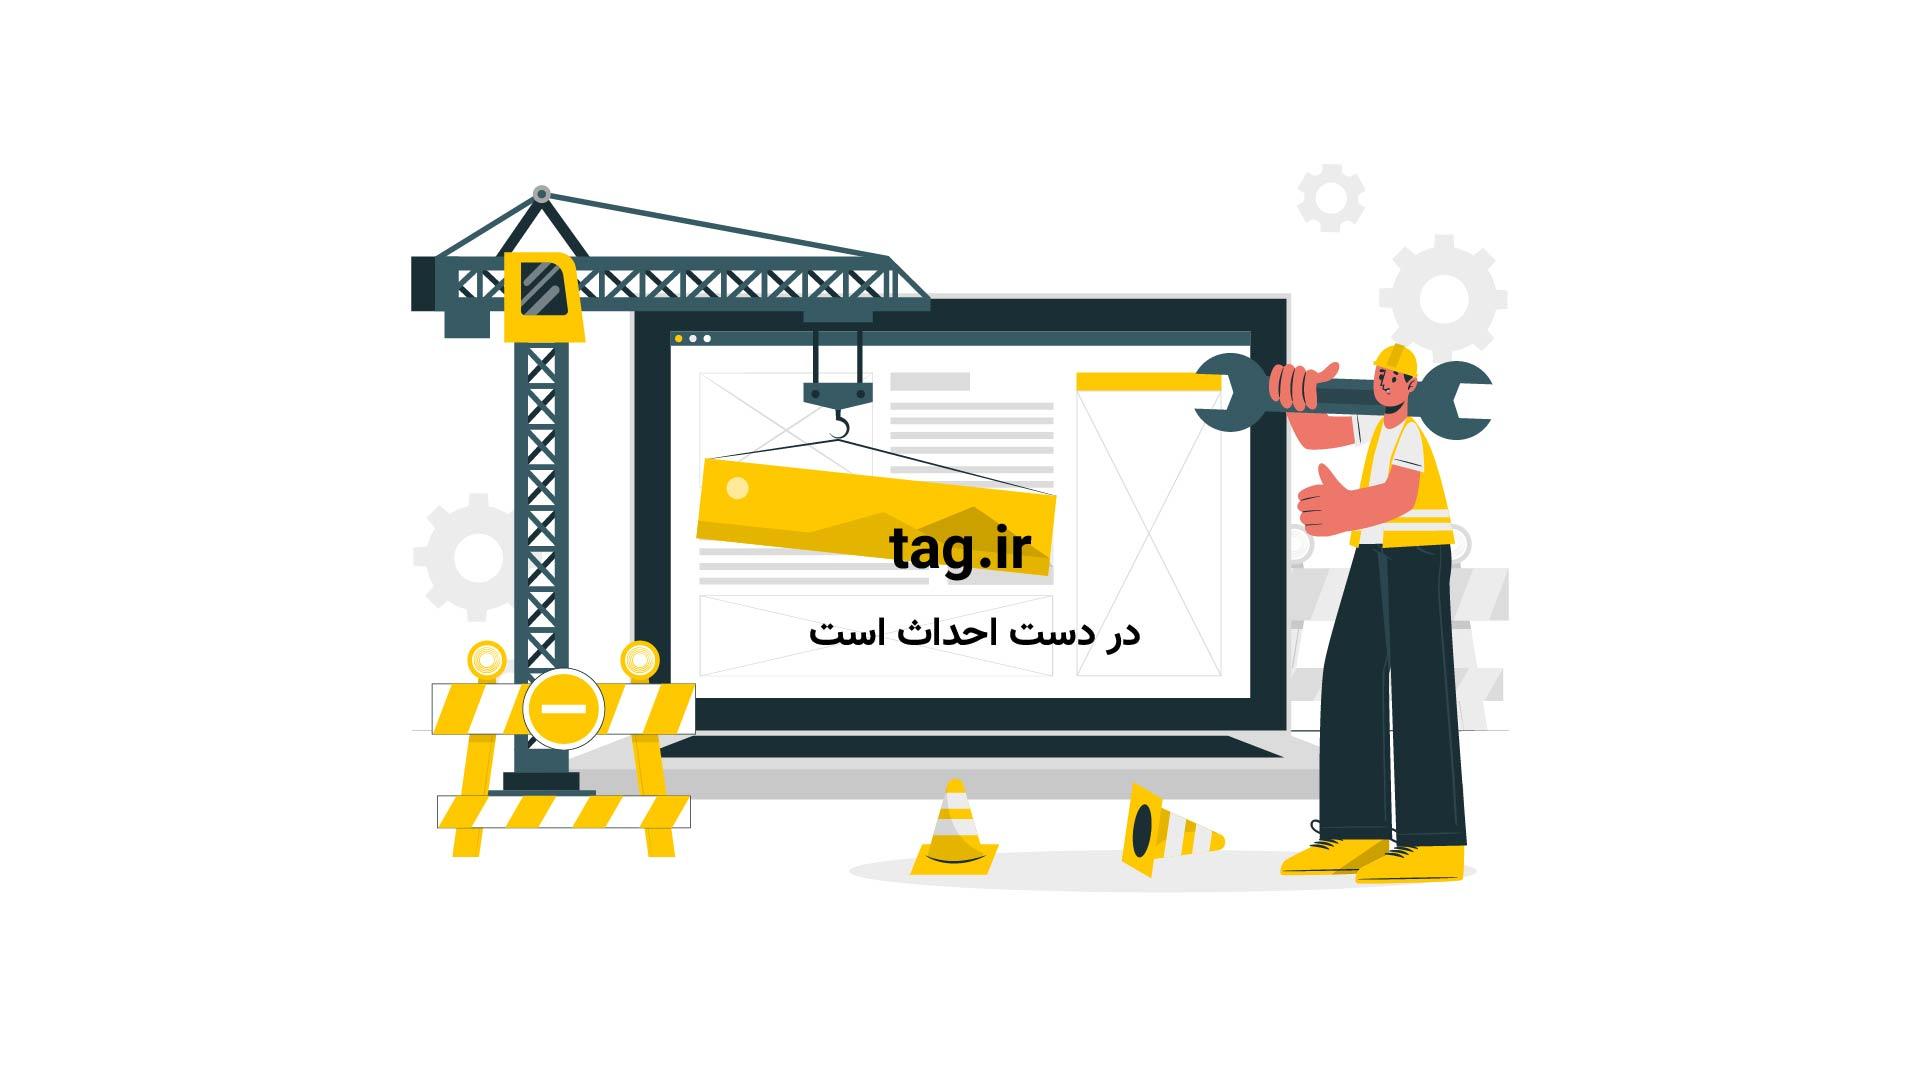 مشکلات باشگاهی استقلال خوزستان از زبان پورموسوی | فیلم